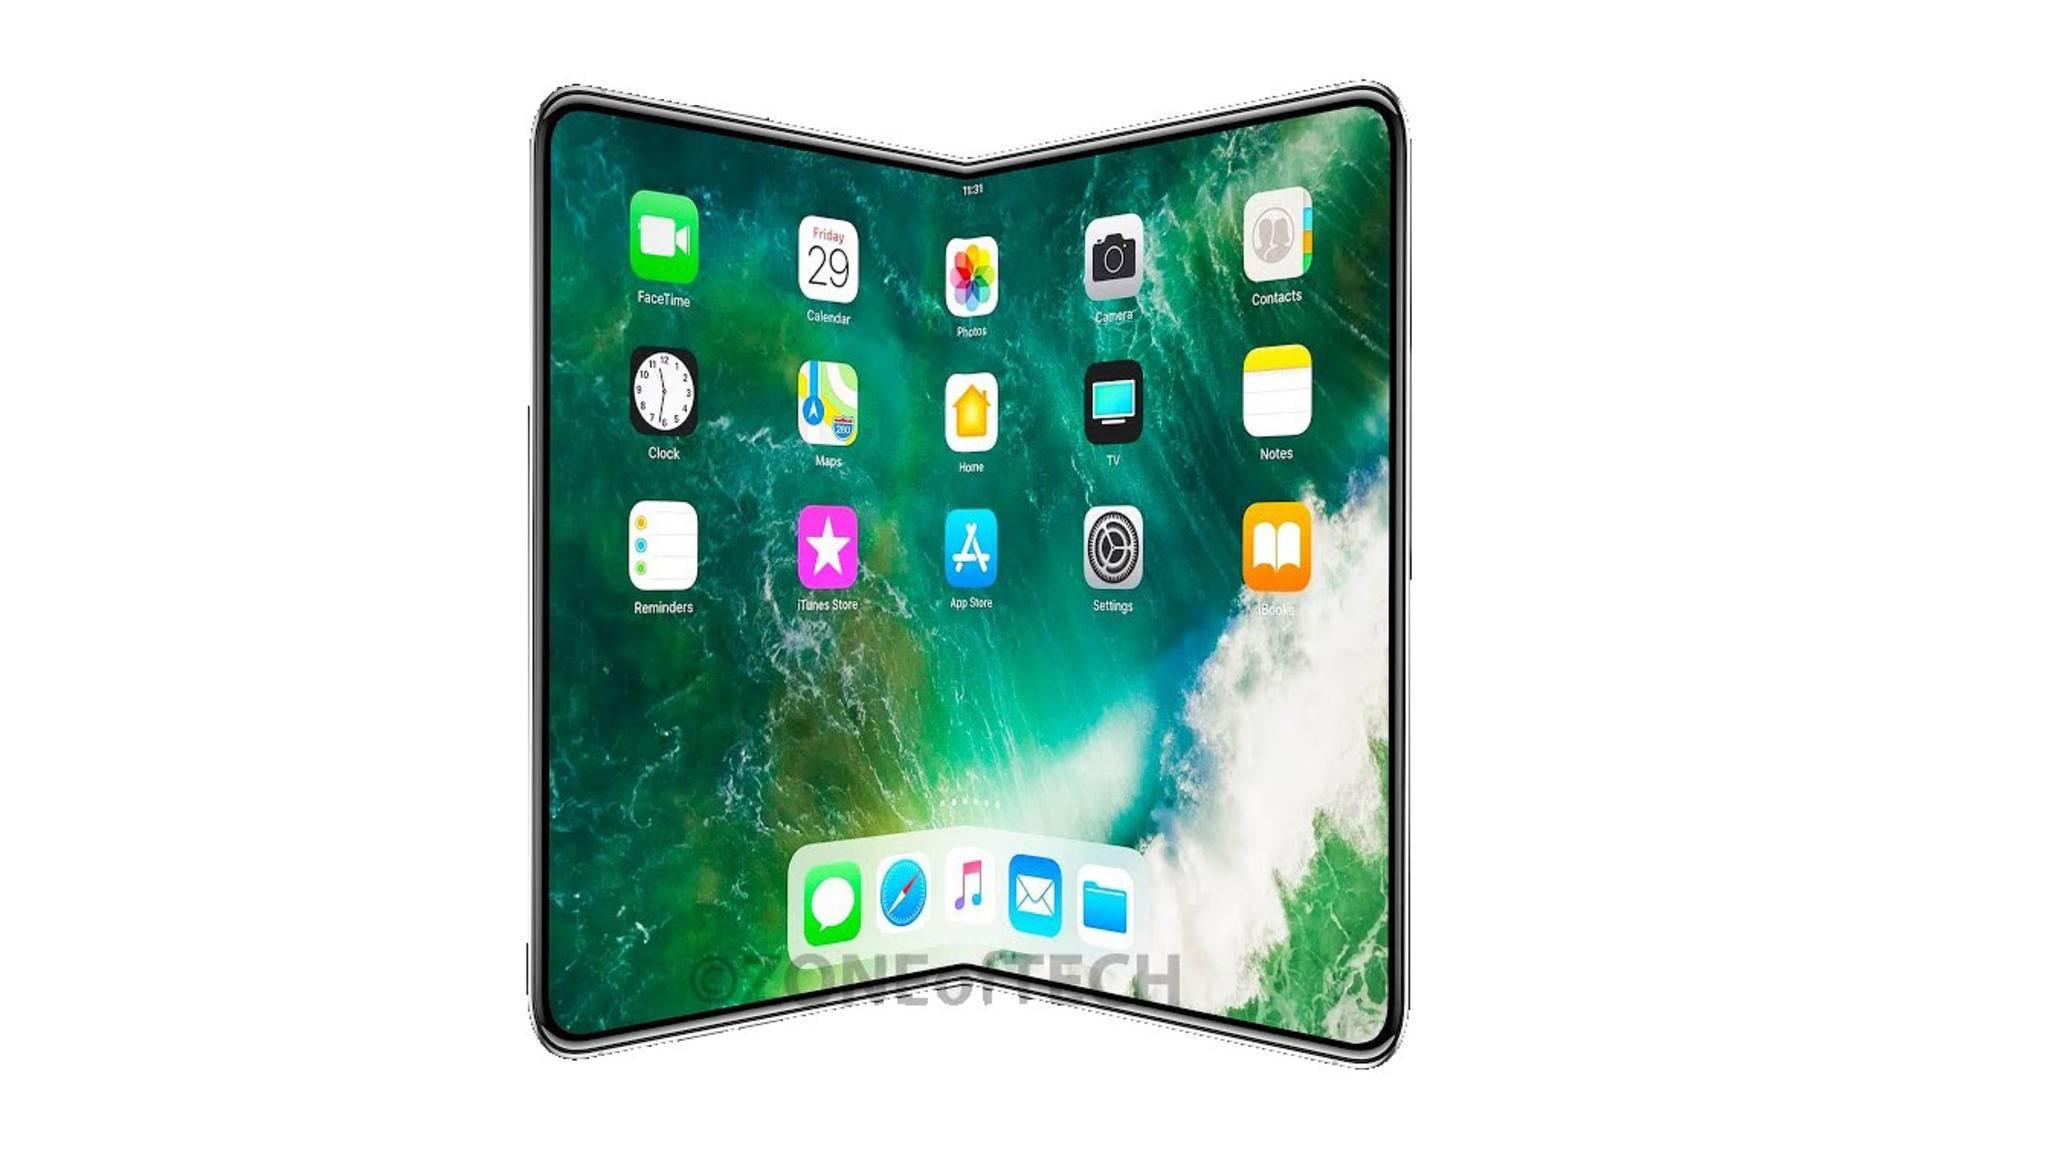 Arbeitet Apple tatsächlich an einem faltbaren iPhone?